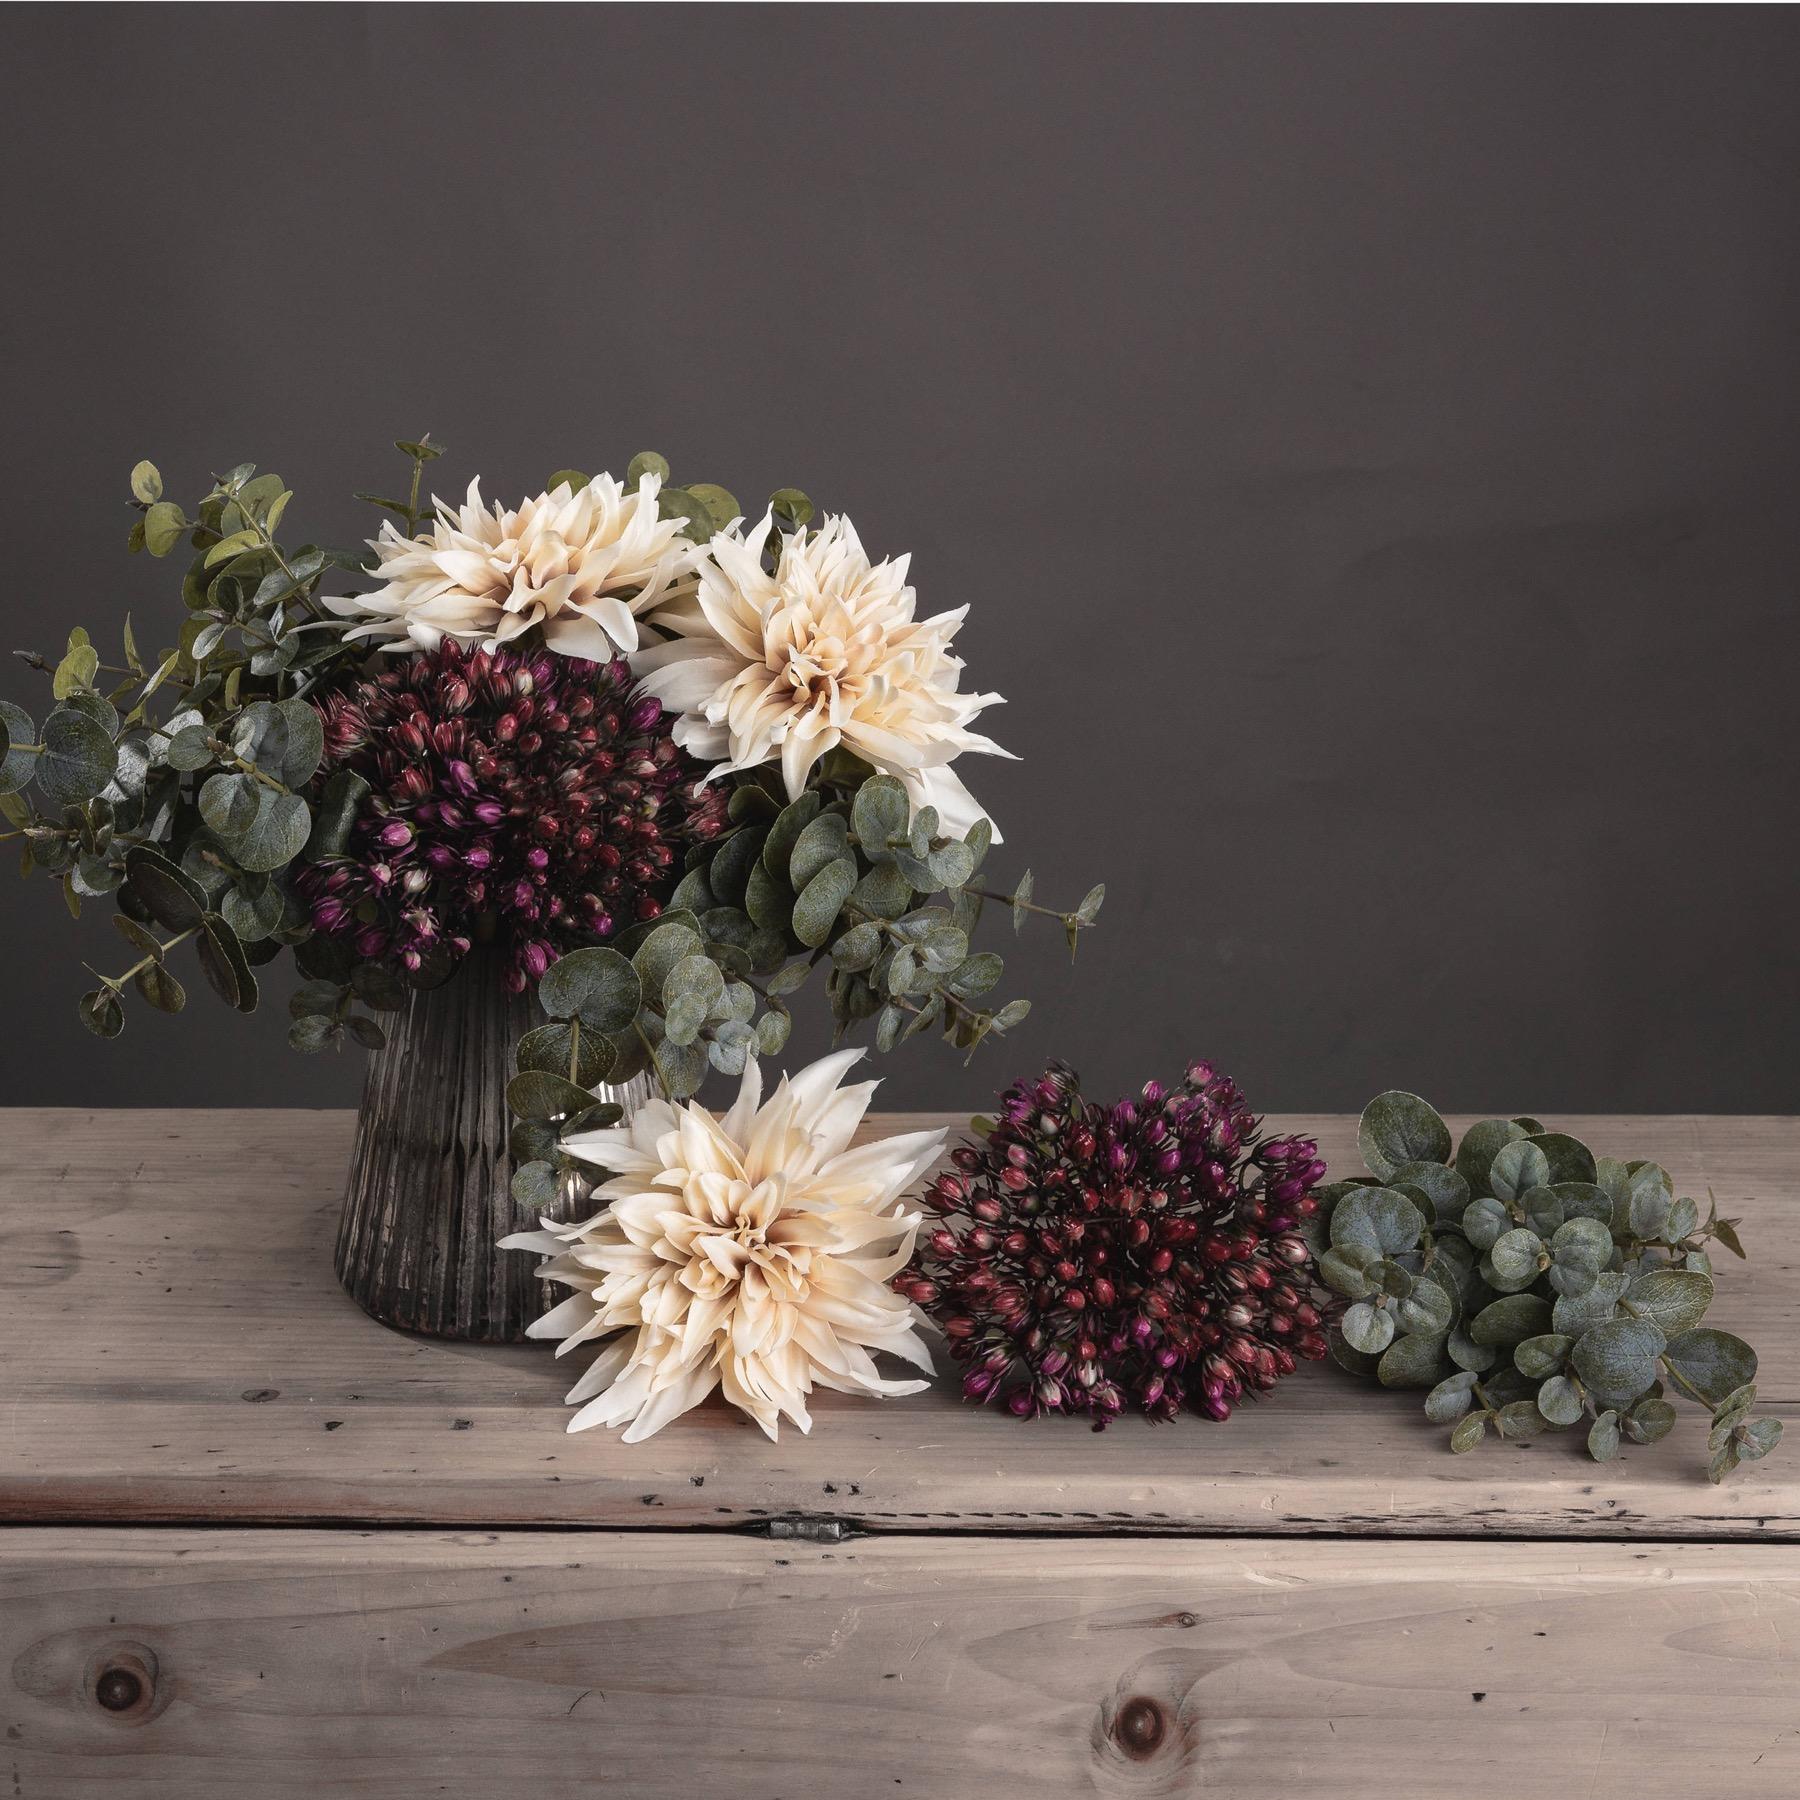 Berry Bouquet - Image 6